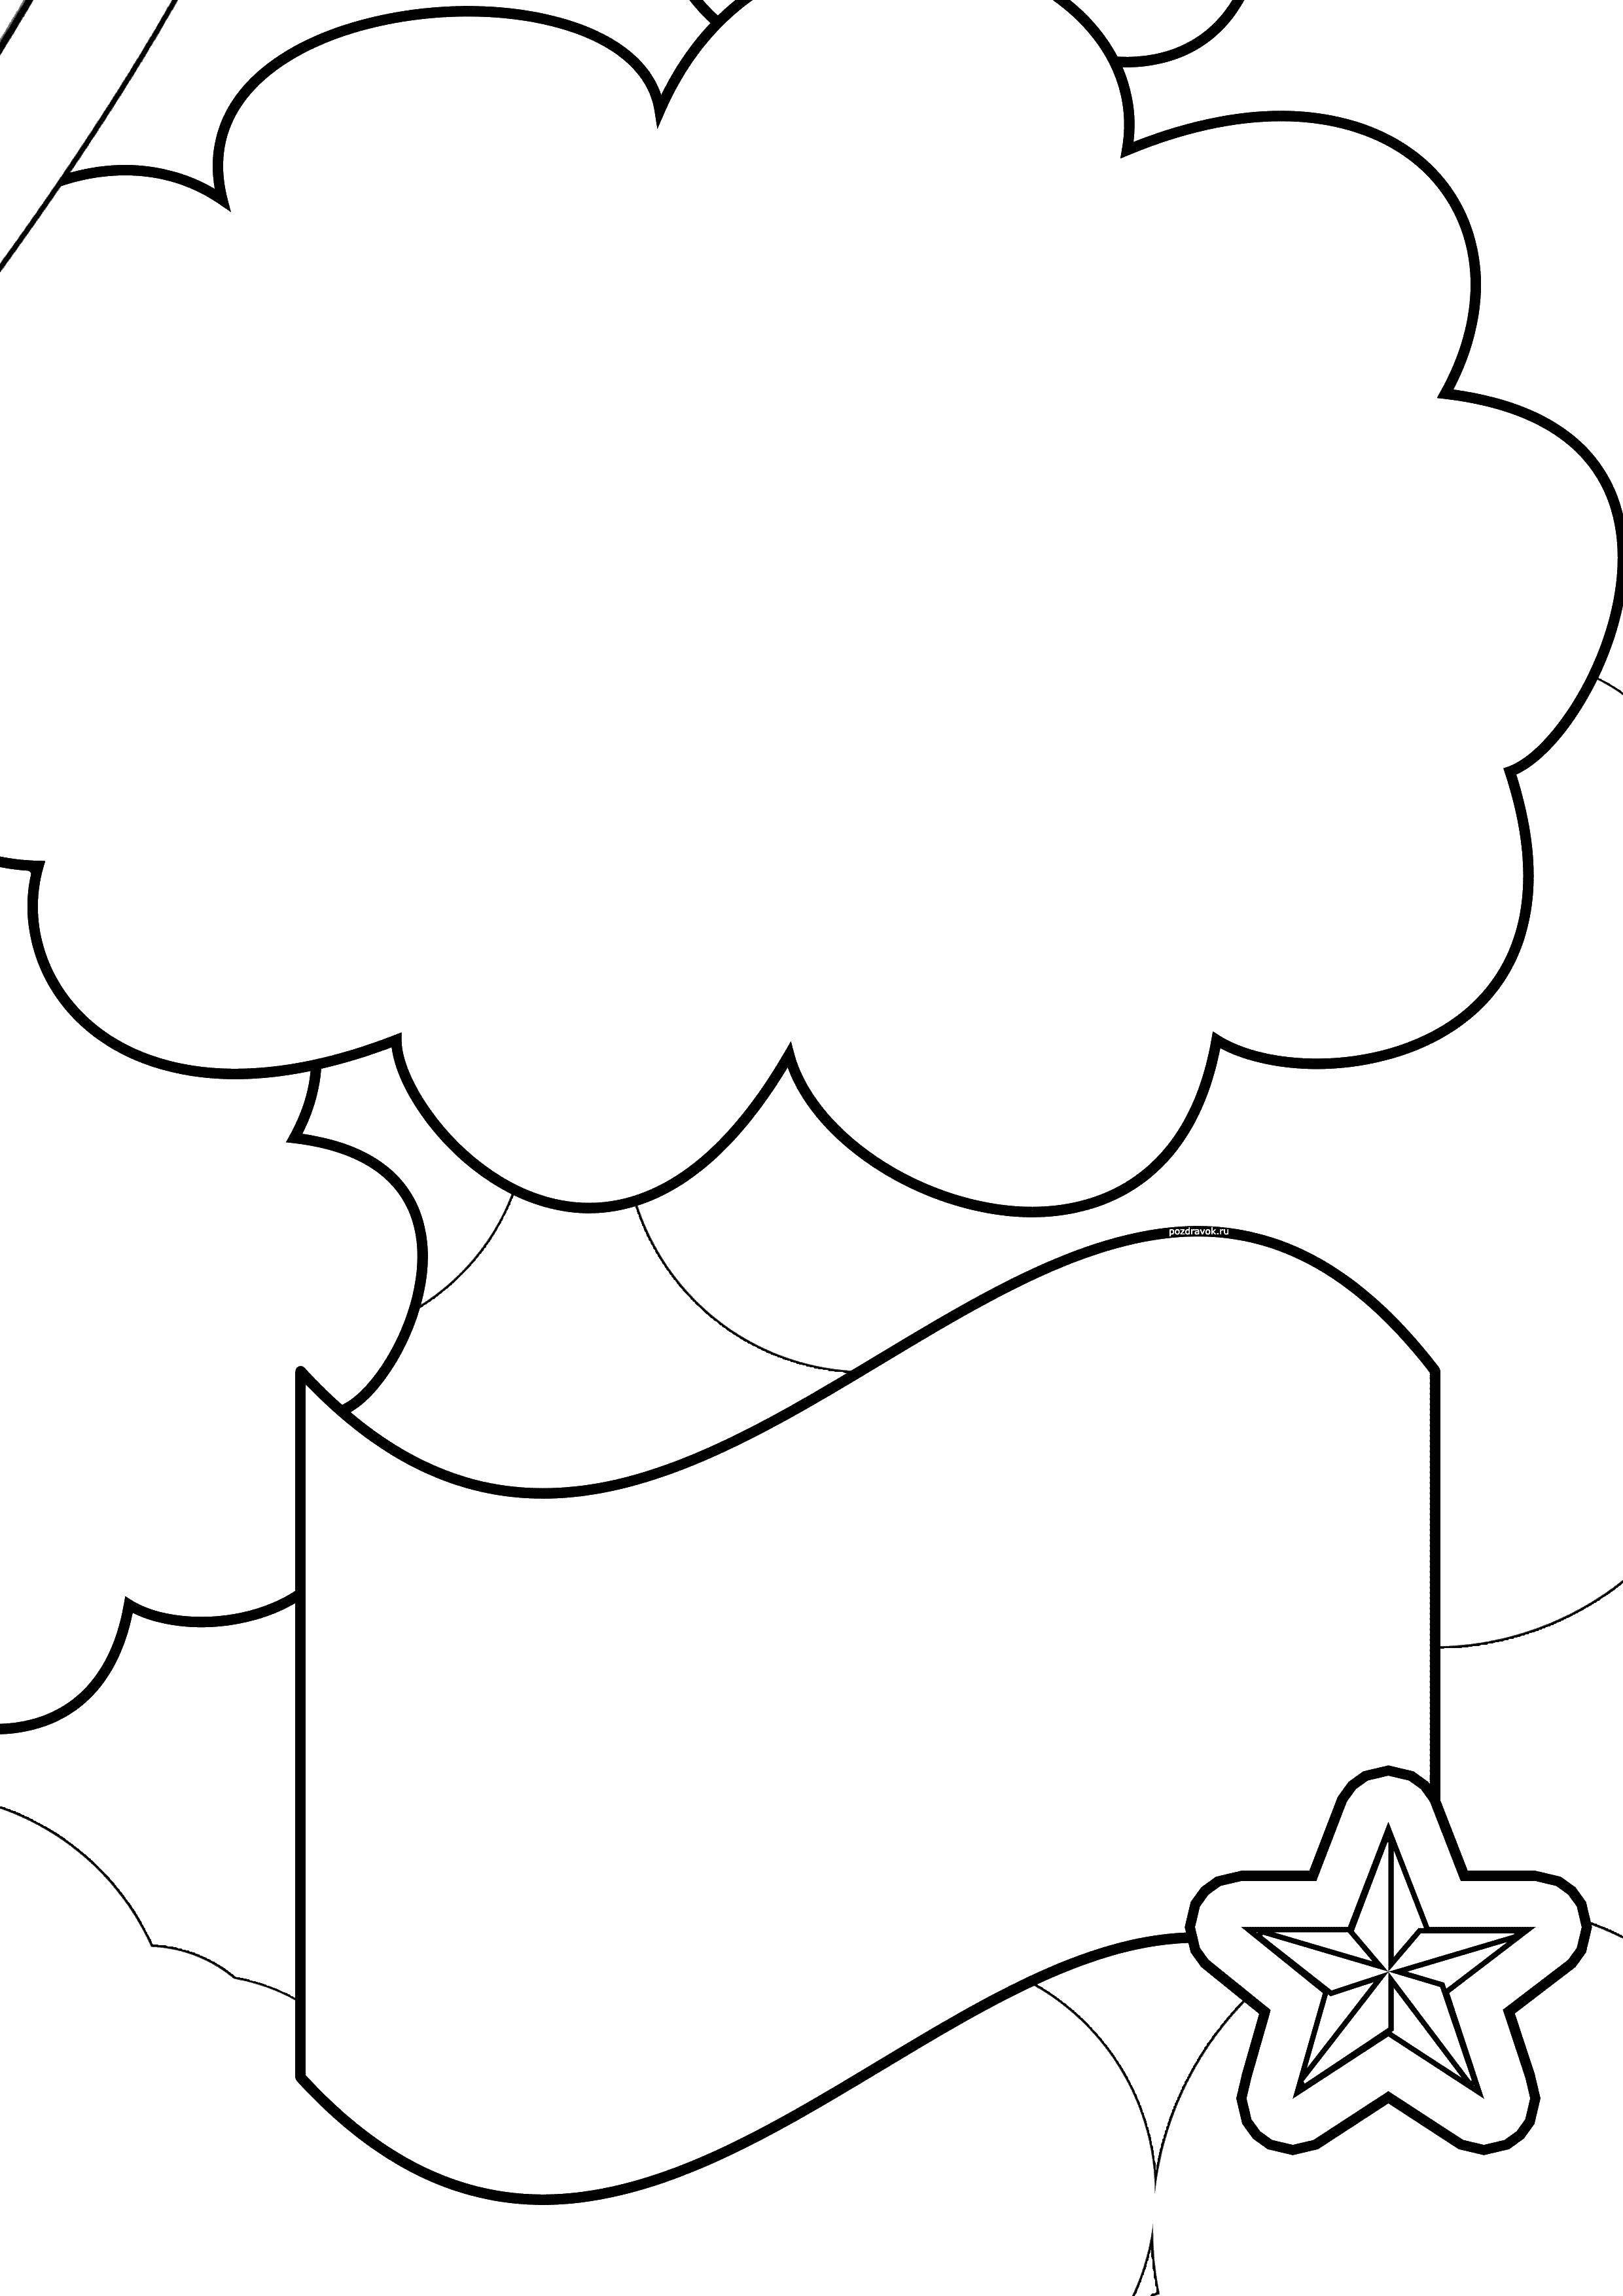 Раскраска Облако и флаг со звездой Скачать флаг, звезда, облако.  Распечатать ,день победы,